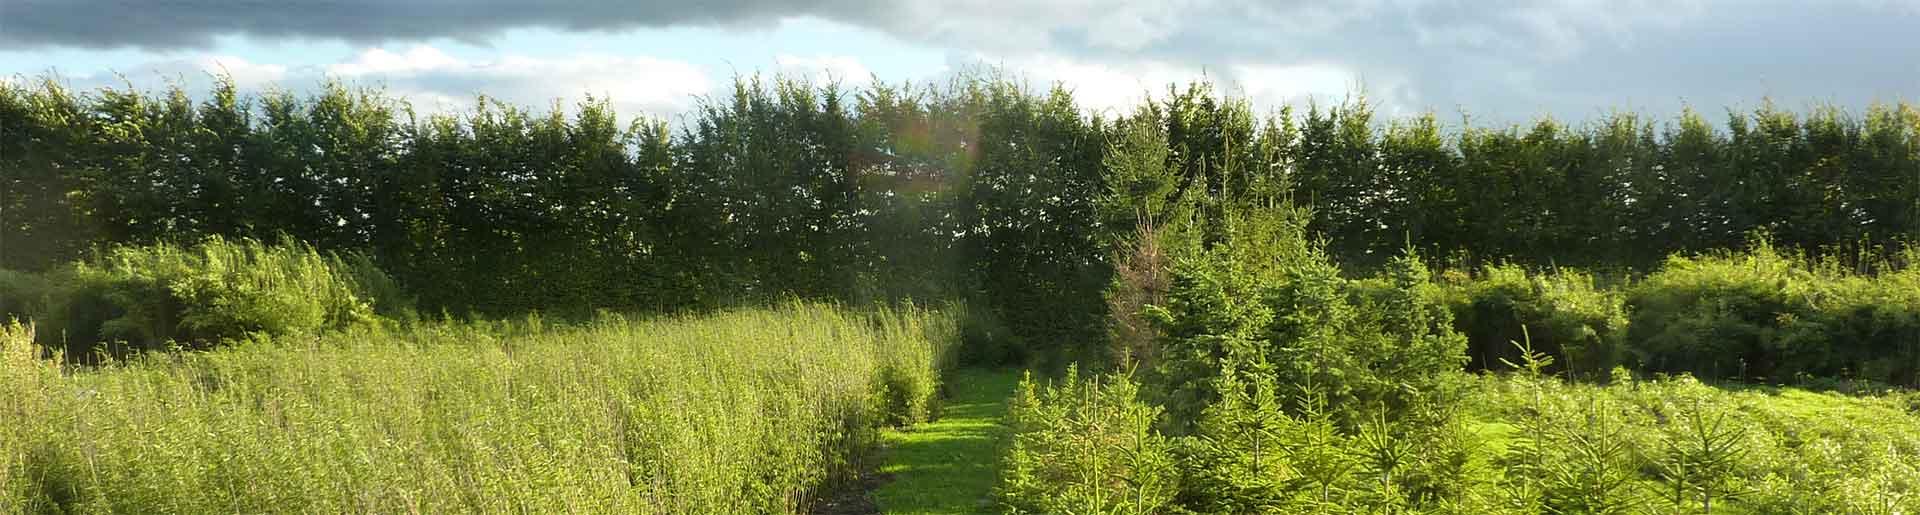 biologische kwekerij Randijk aan de Laapeerseweg in Leusden.